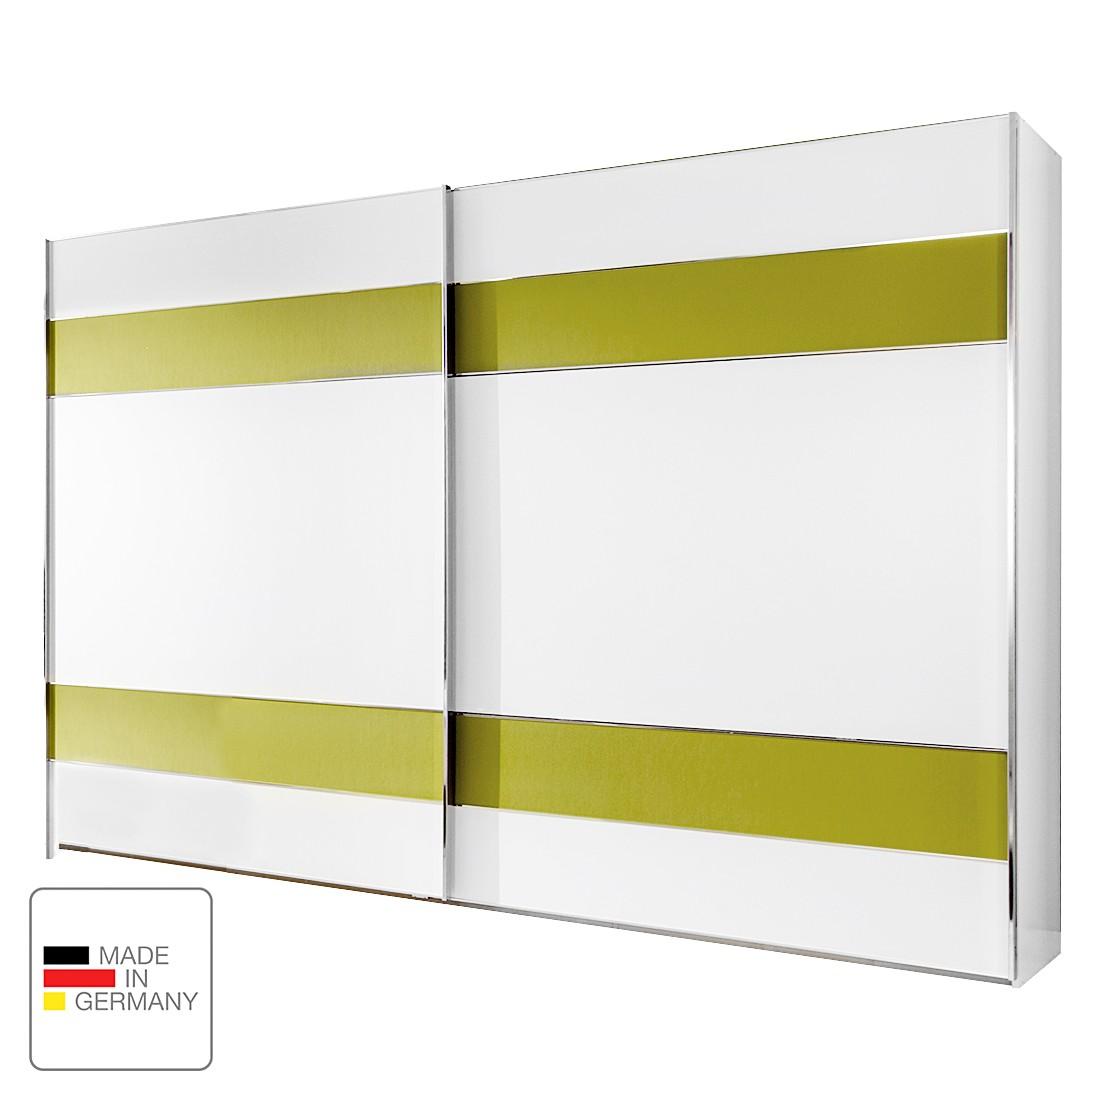 Schwebetürenschrank Jive - Alpinweiß/Kunstleder Limette - Ohne Beleuchtung - 300 cm (3-türig) - Ohne Passepartoutrahmen, Althoff